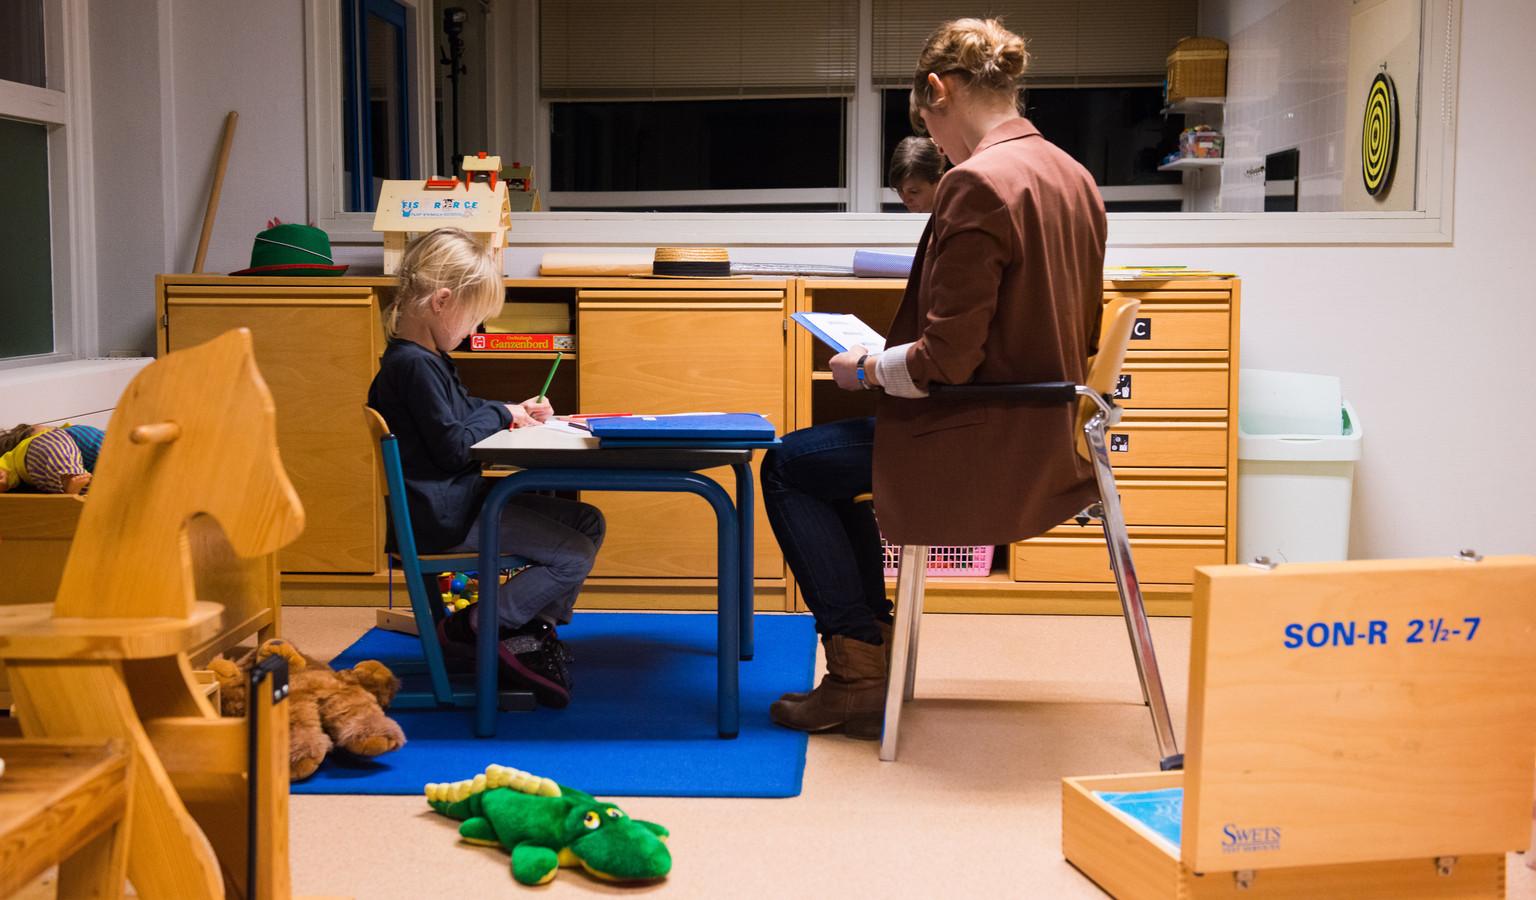 Een jeugdhulpverlener in gesprek met een meisje in een jeugdhulpverleningscentrum.